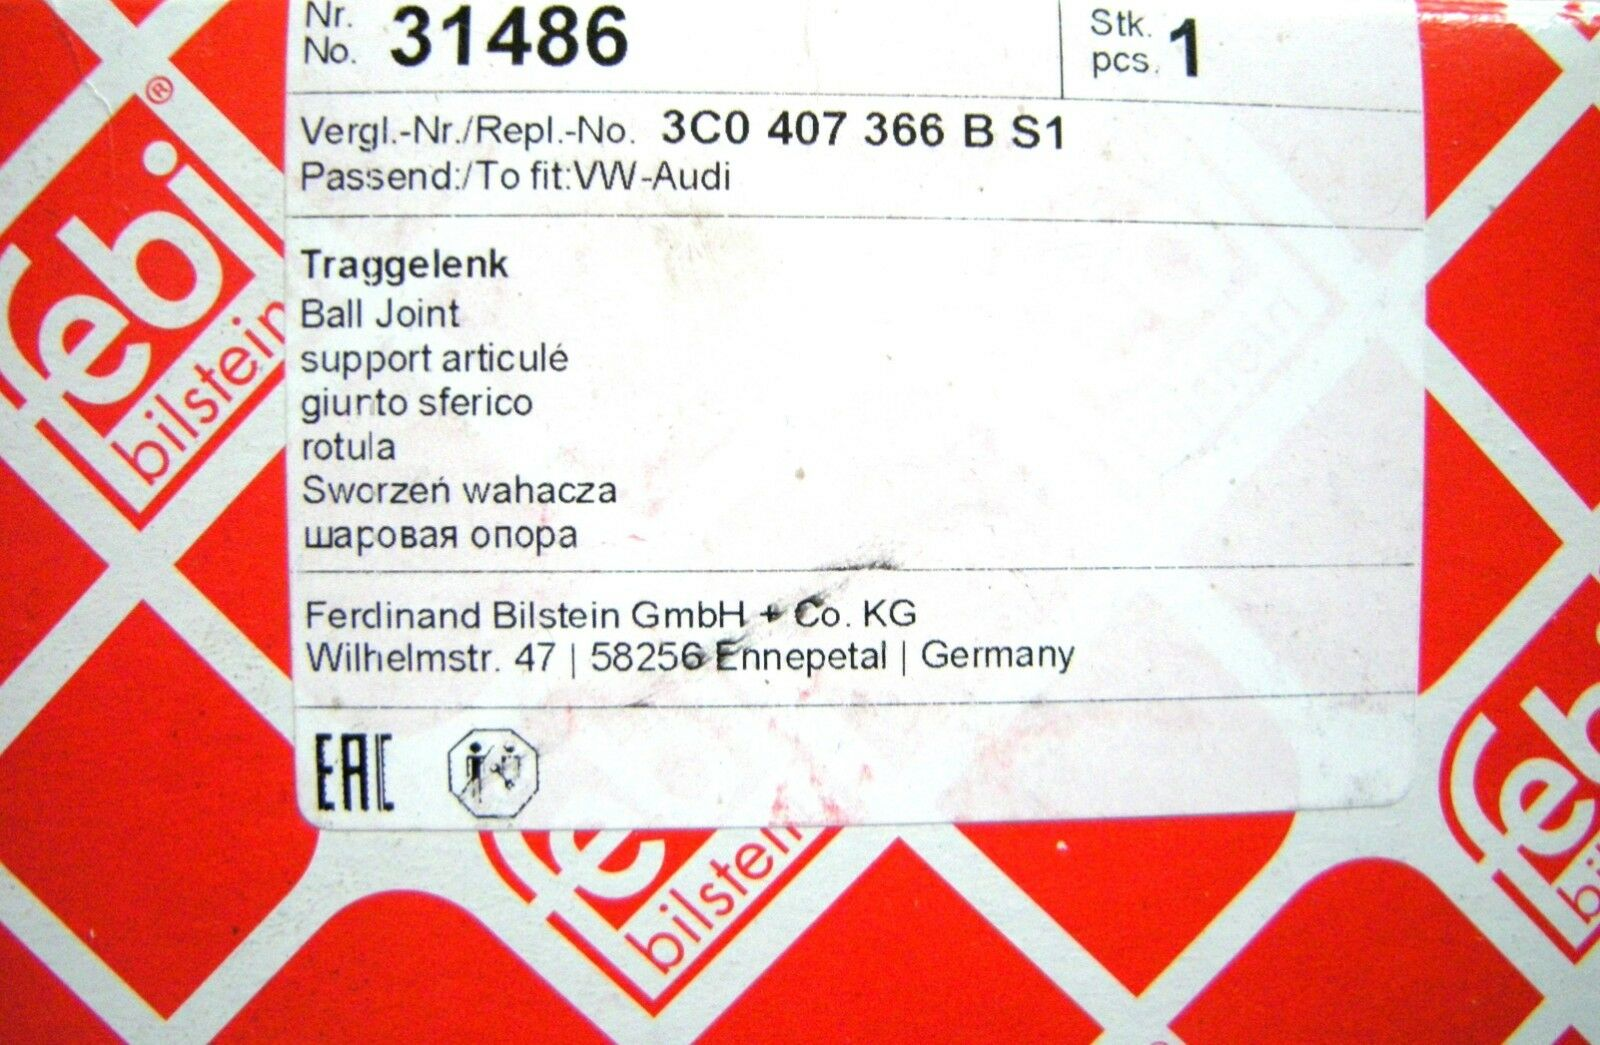 FEBI BILSTEIN Traggelenk PROKIT VA passend für MB Modelle Nr 01433